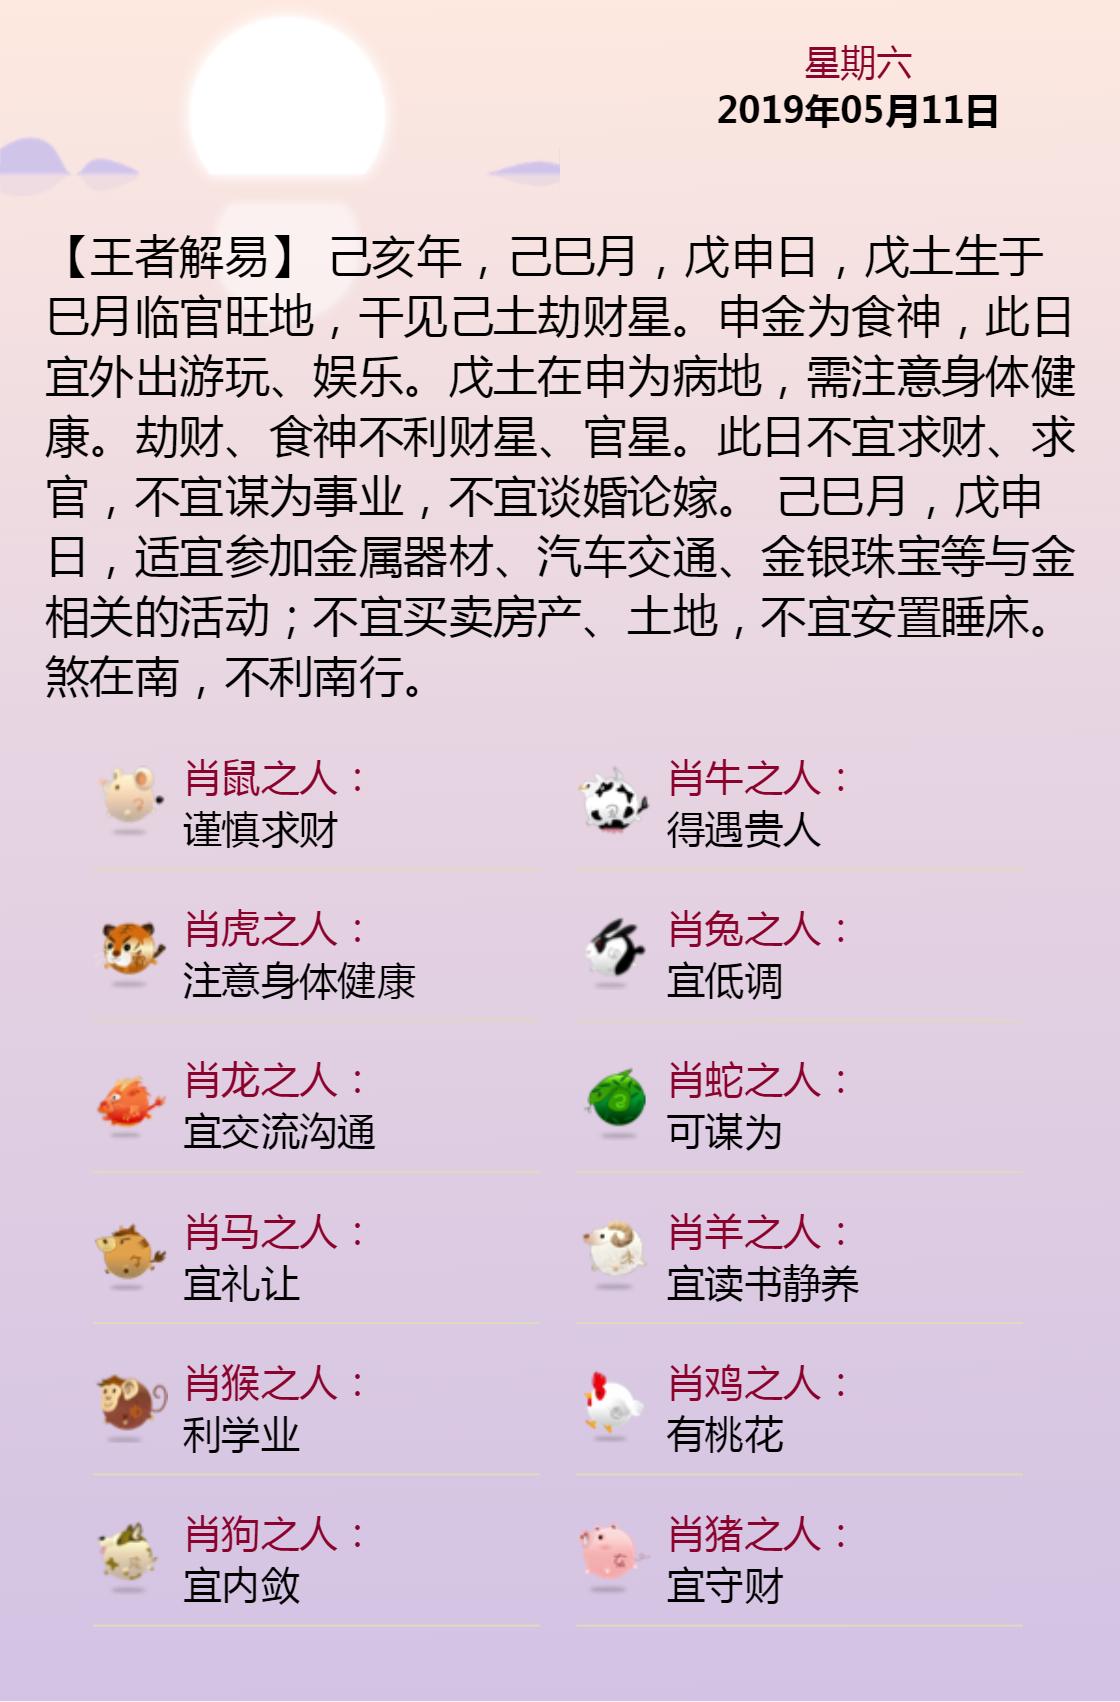 黄历海报20190511.png